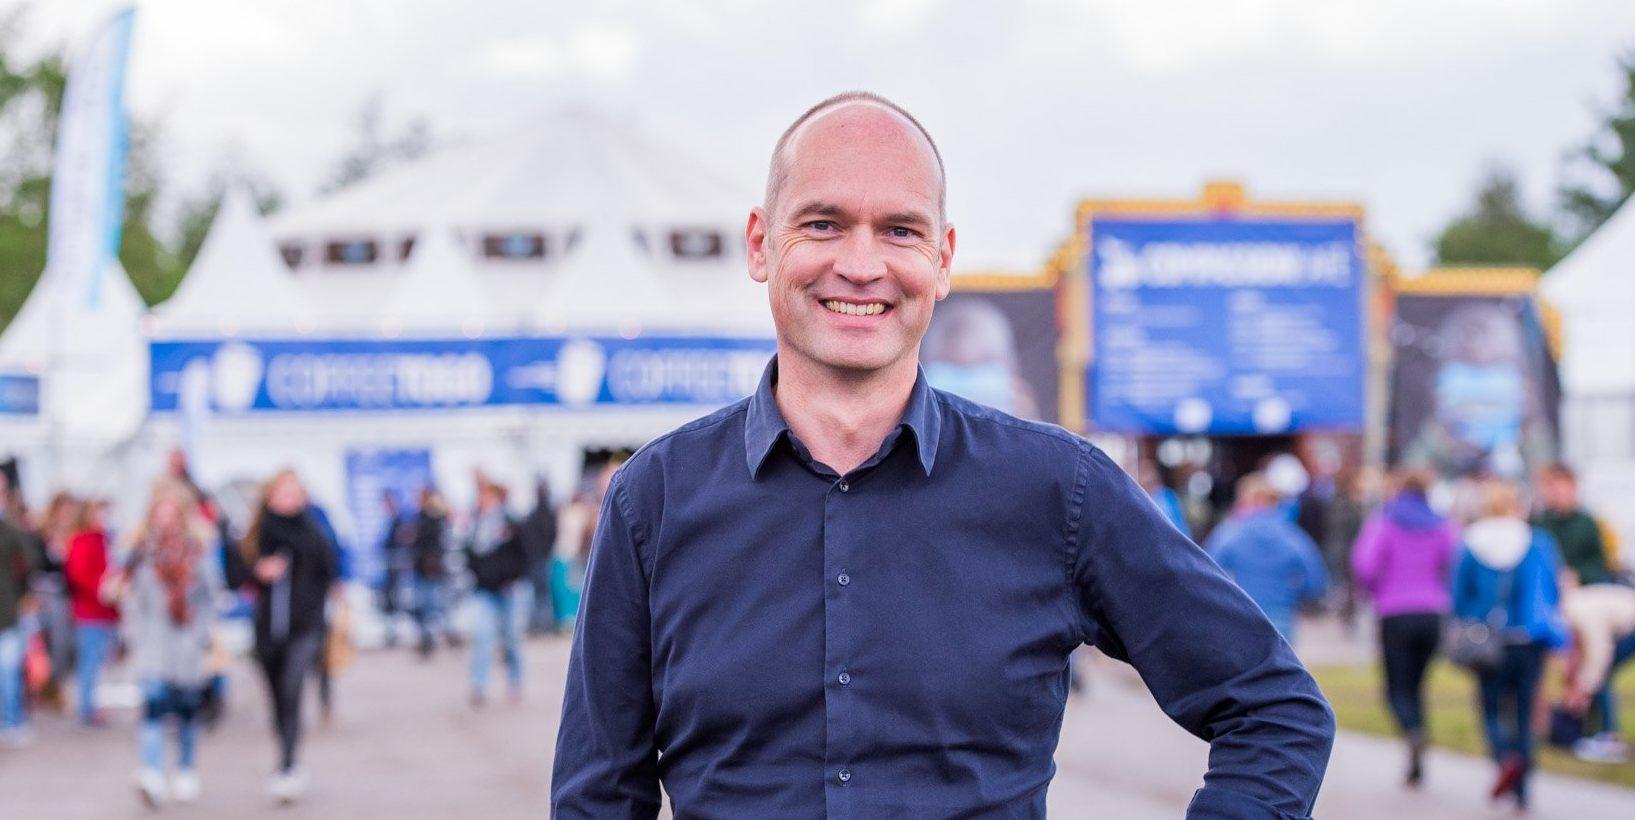 segers pechtold compromissen - De Verkiezingswijzer - Onafhankelijke informatie over de Tweedekamer Verkiezingen op 17 maart 2021